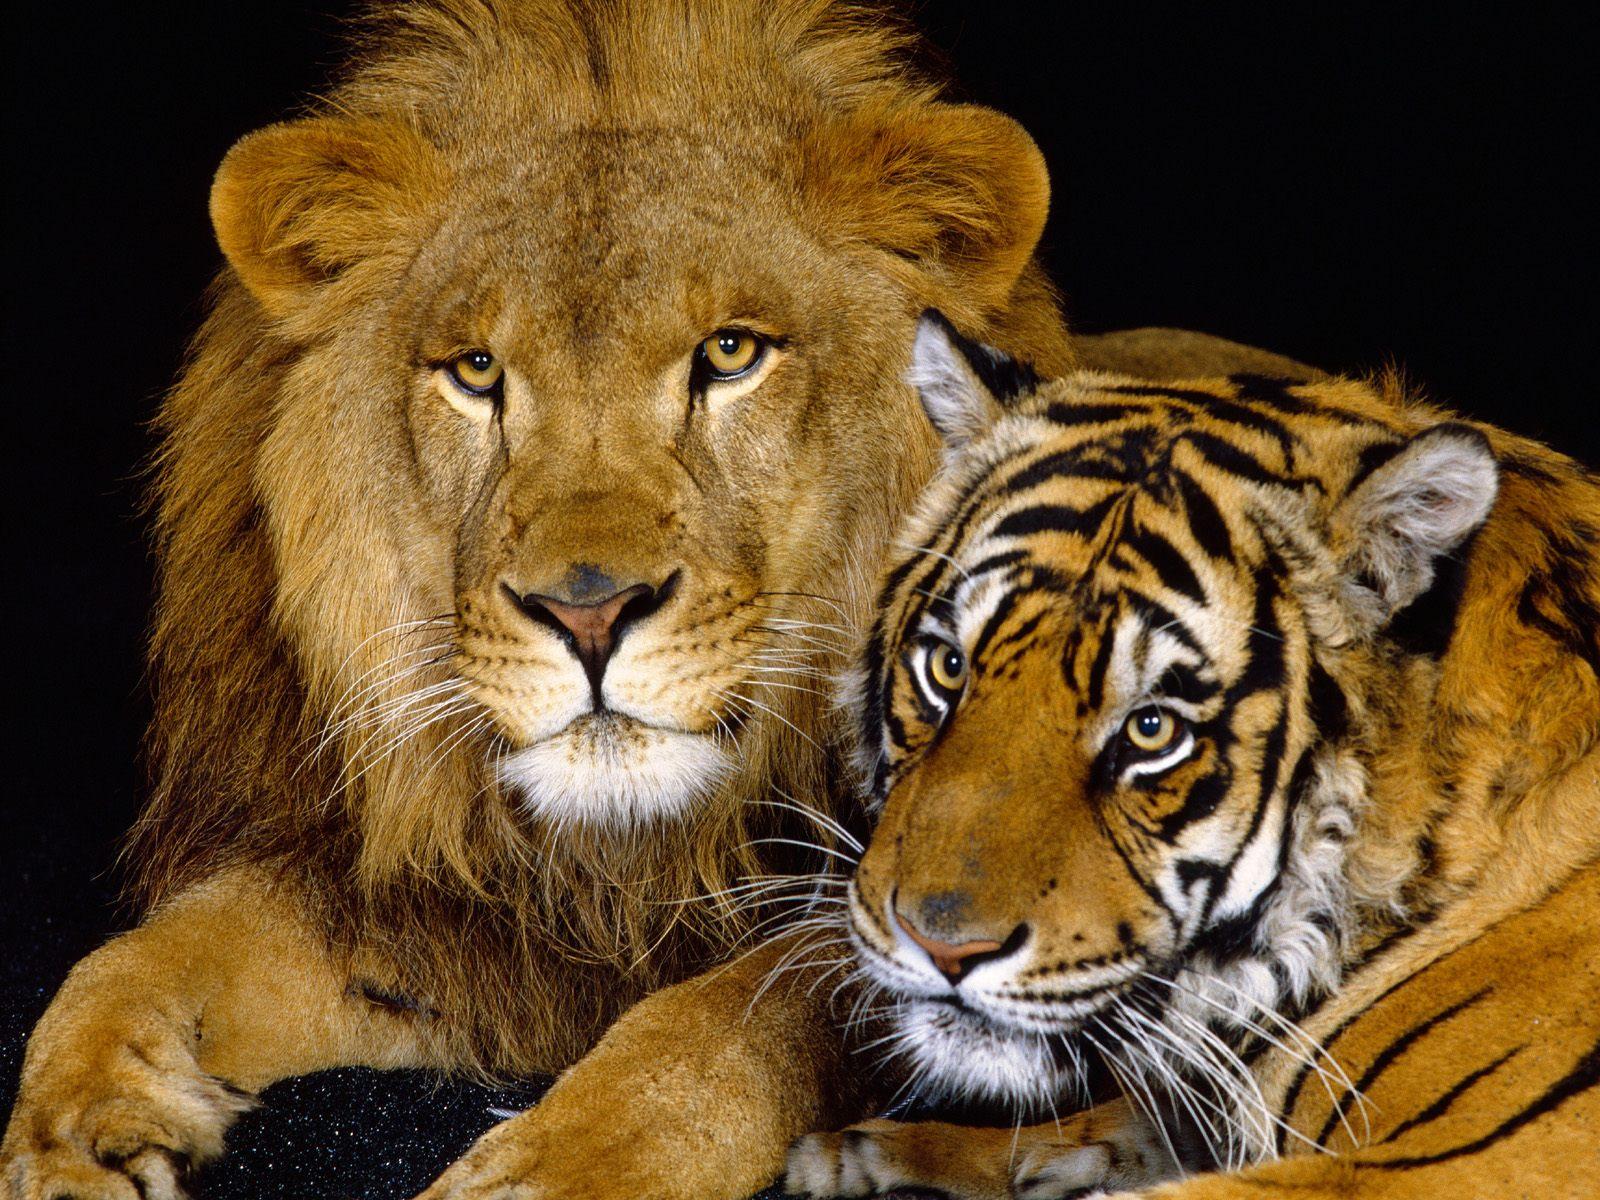 http://3.bp.blogspot.com/-1zK9WZ_c2ic/TfJCDNskyLI/AAAAAAAACGk/iBkGqxigDS0/s1600/lion-and-tiger-wallpaper.jpg